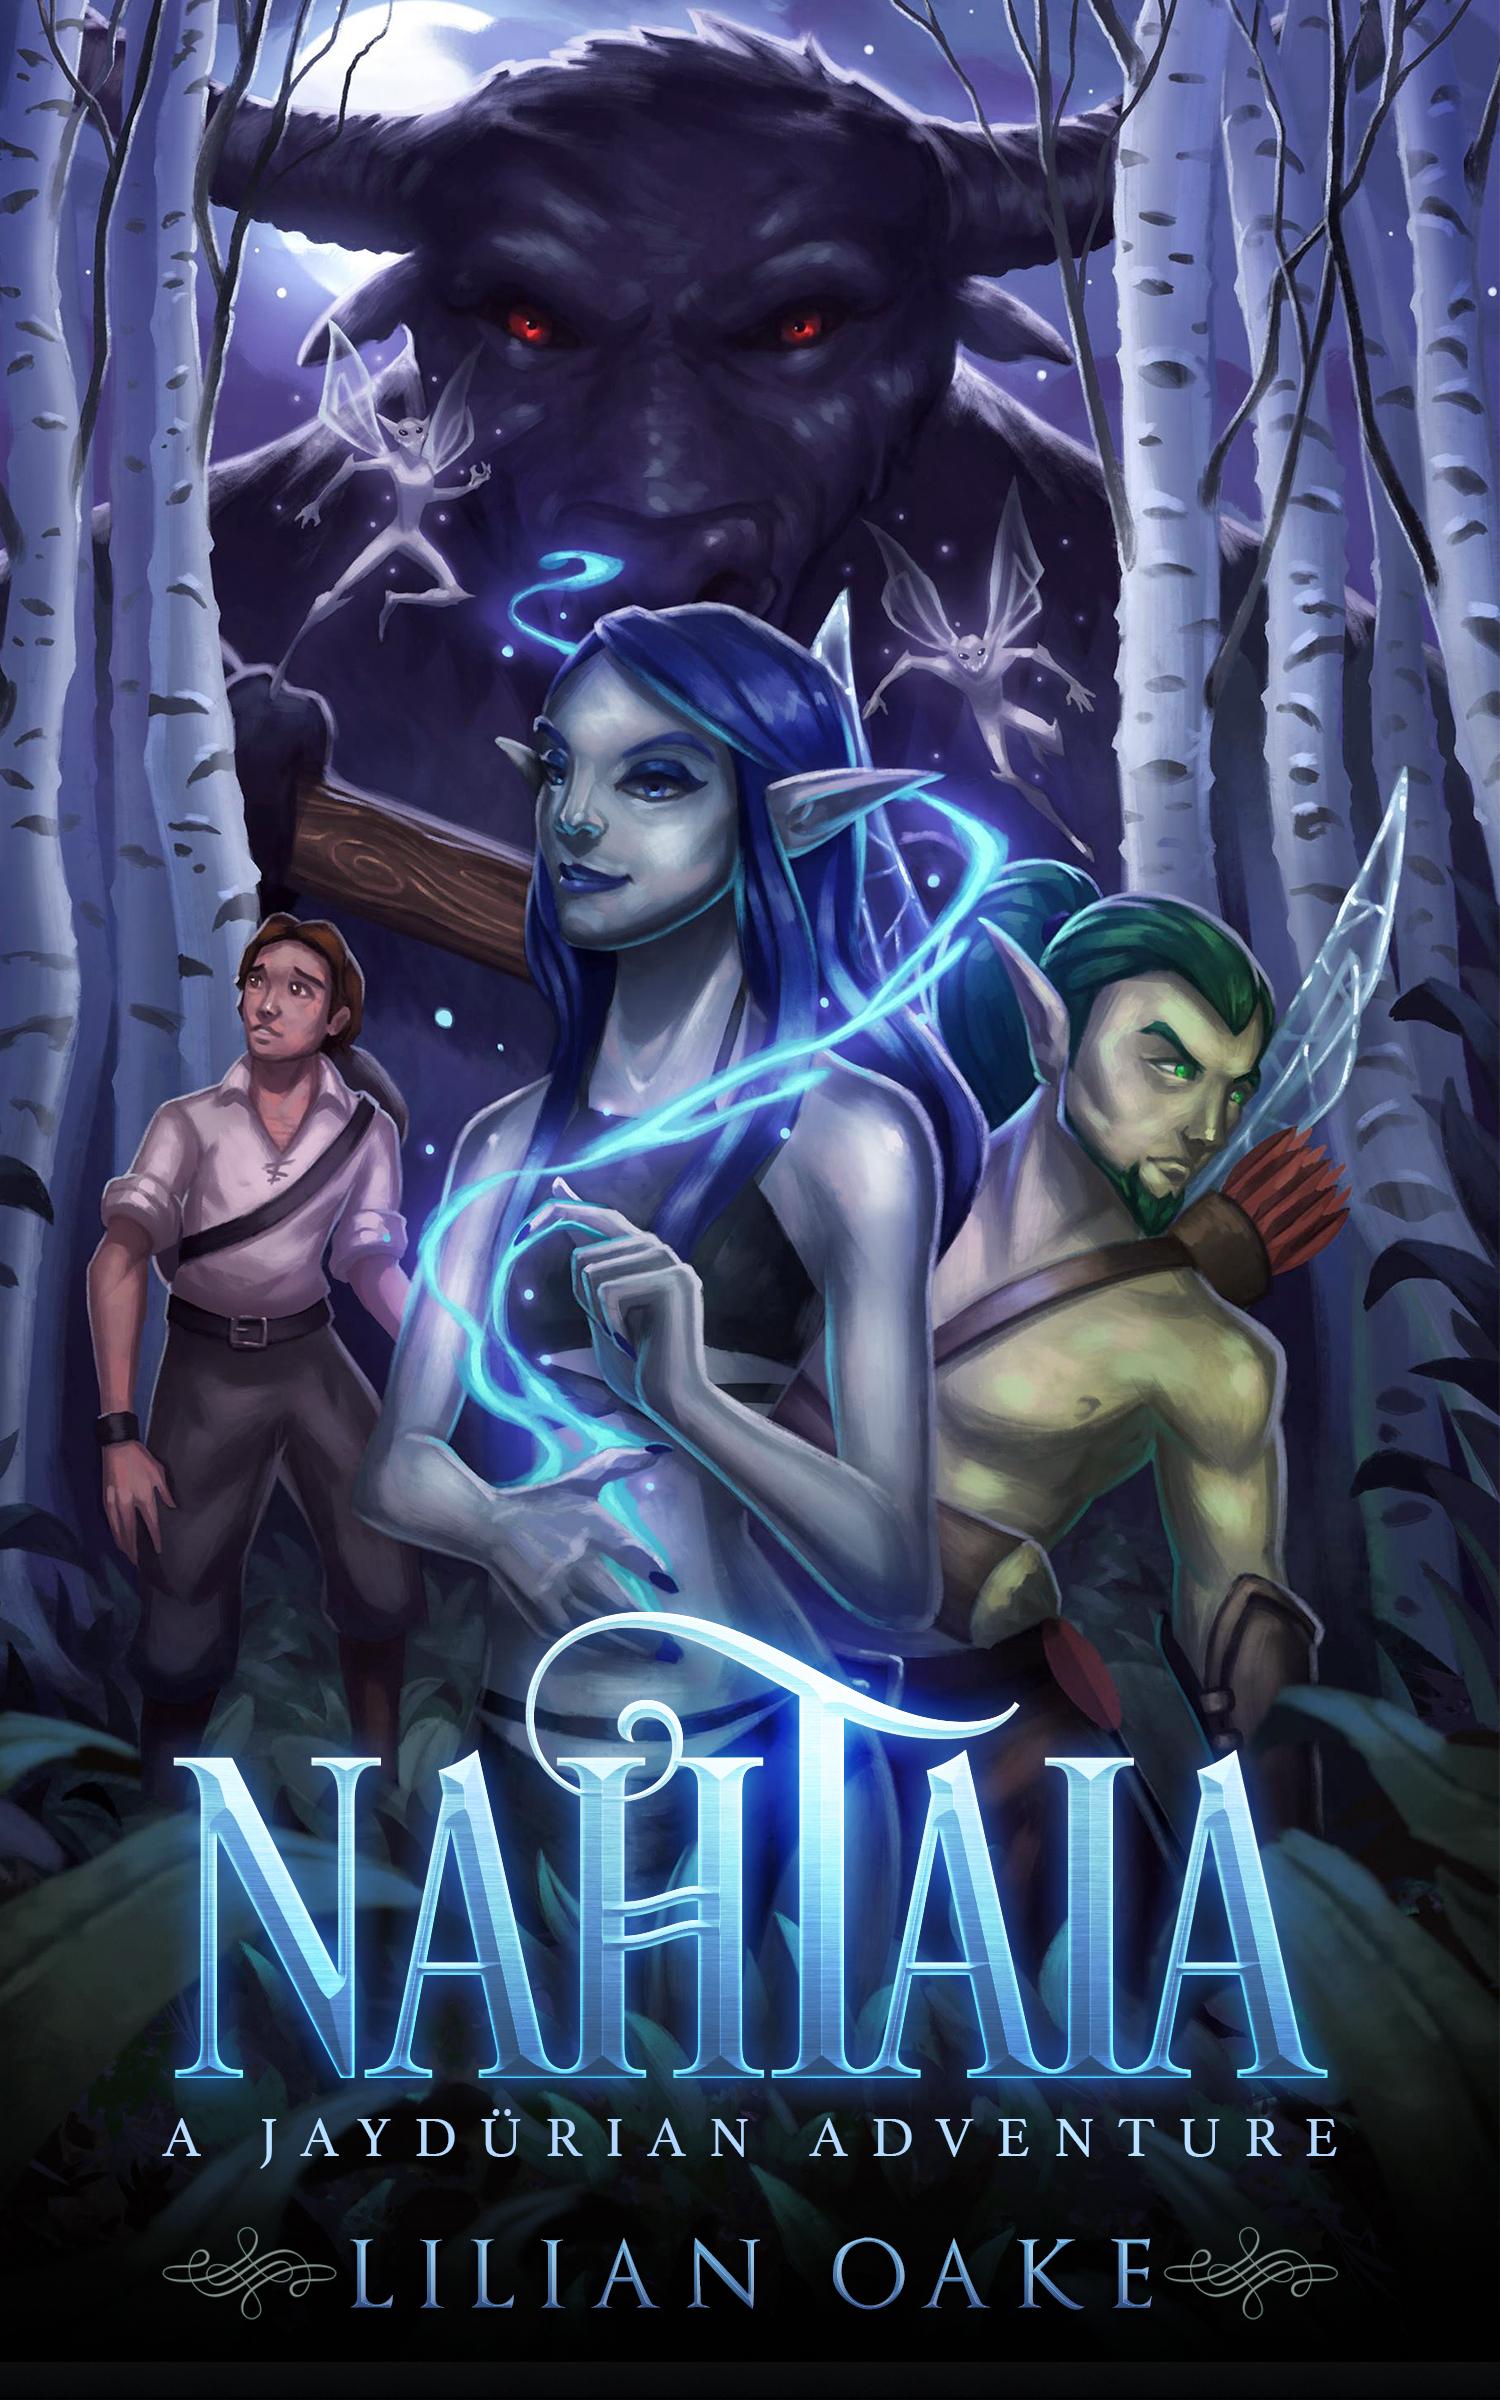 Nahtaia: A Jaydürian Adventure - Signed 00001